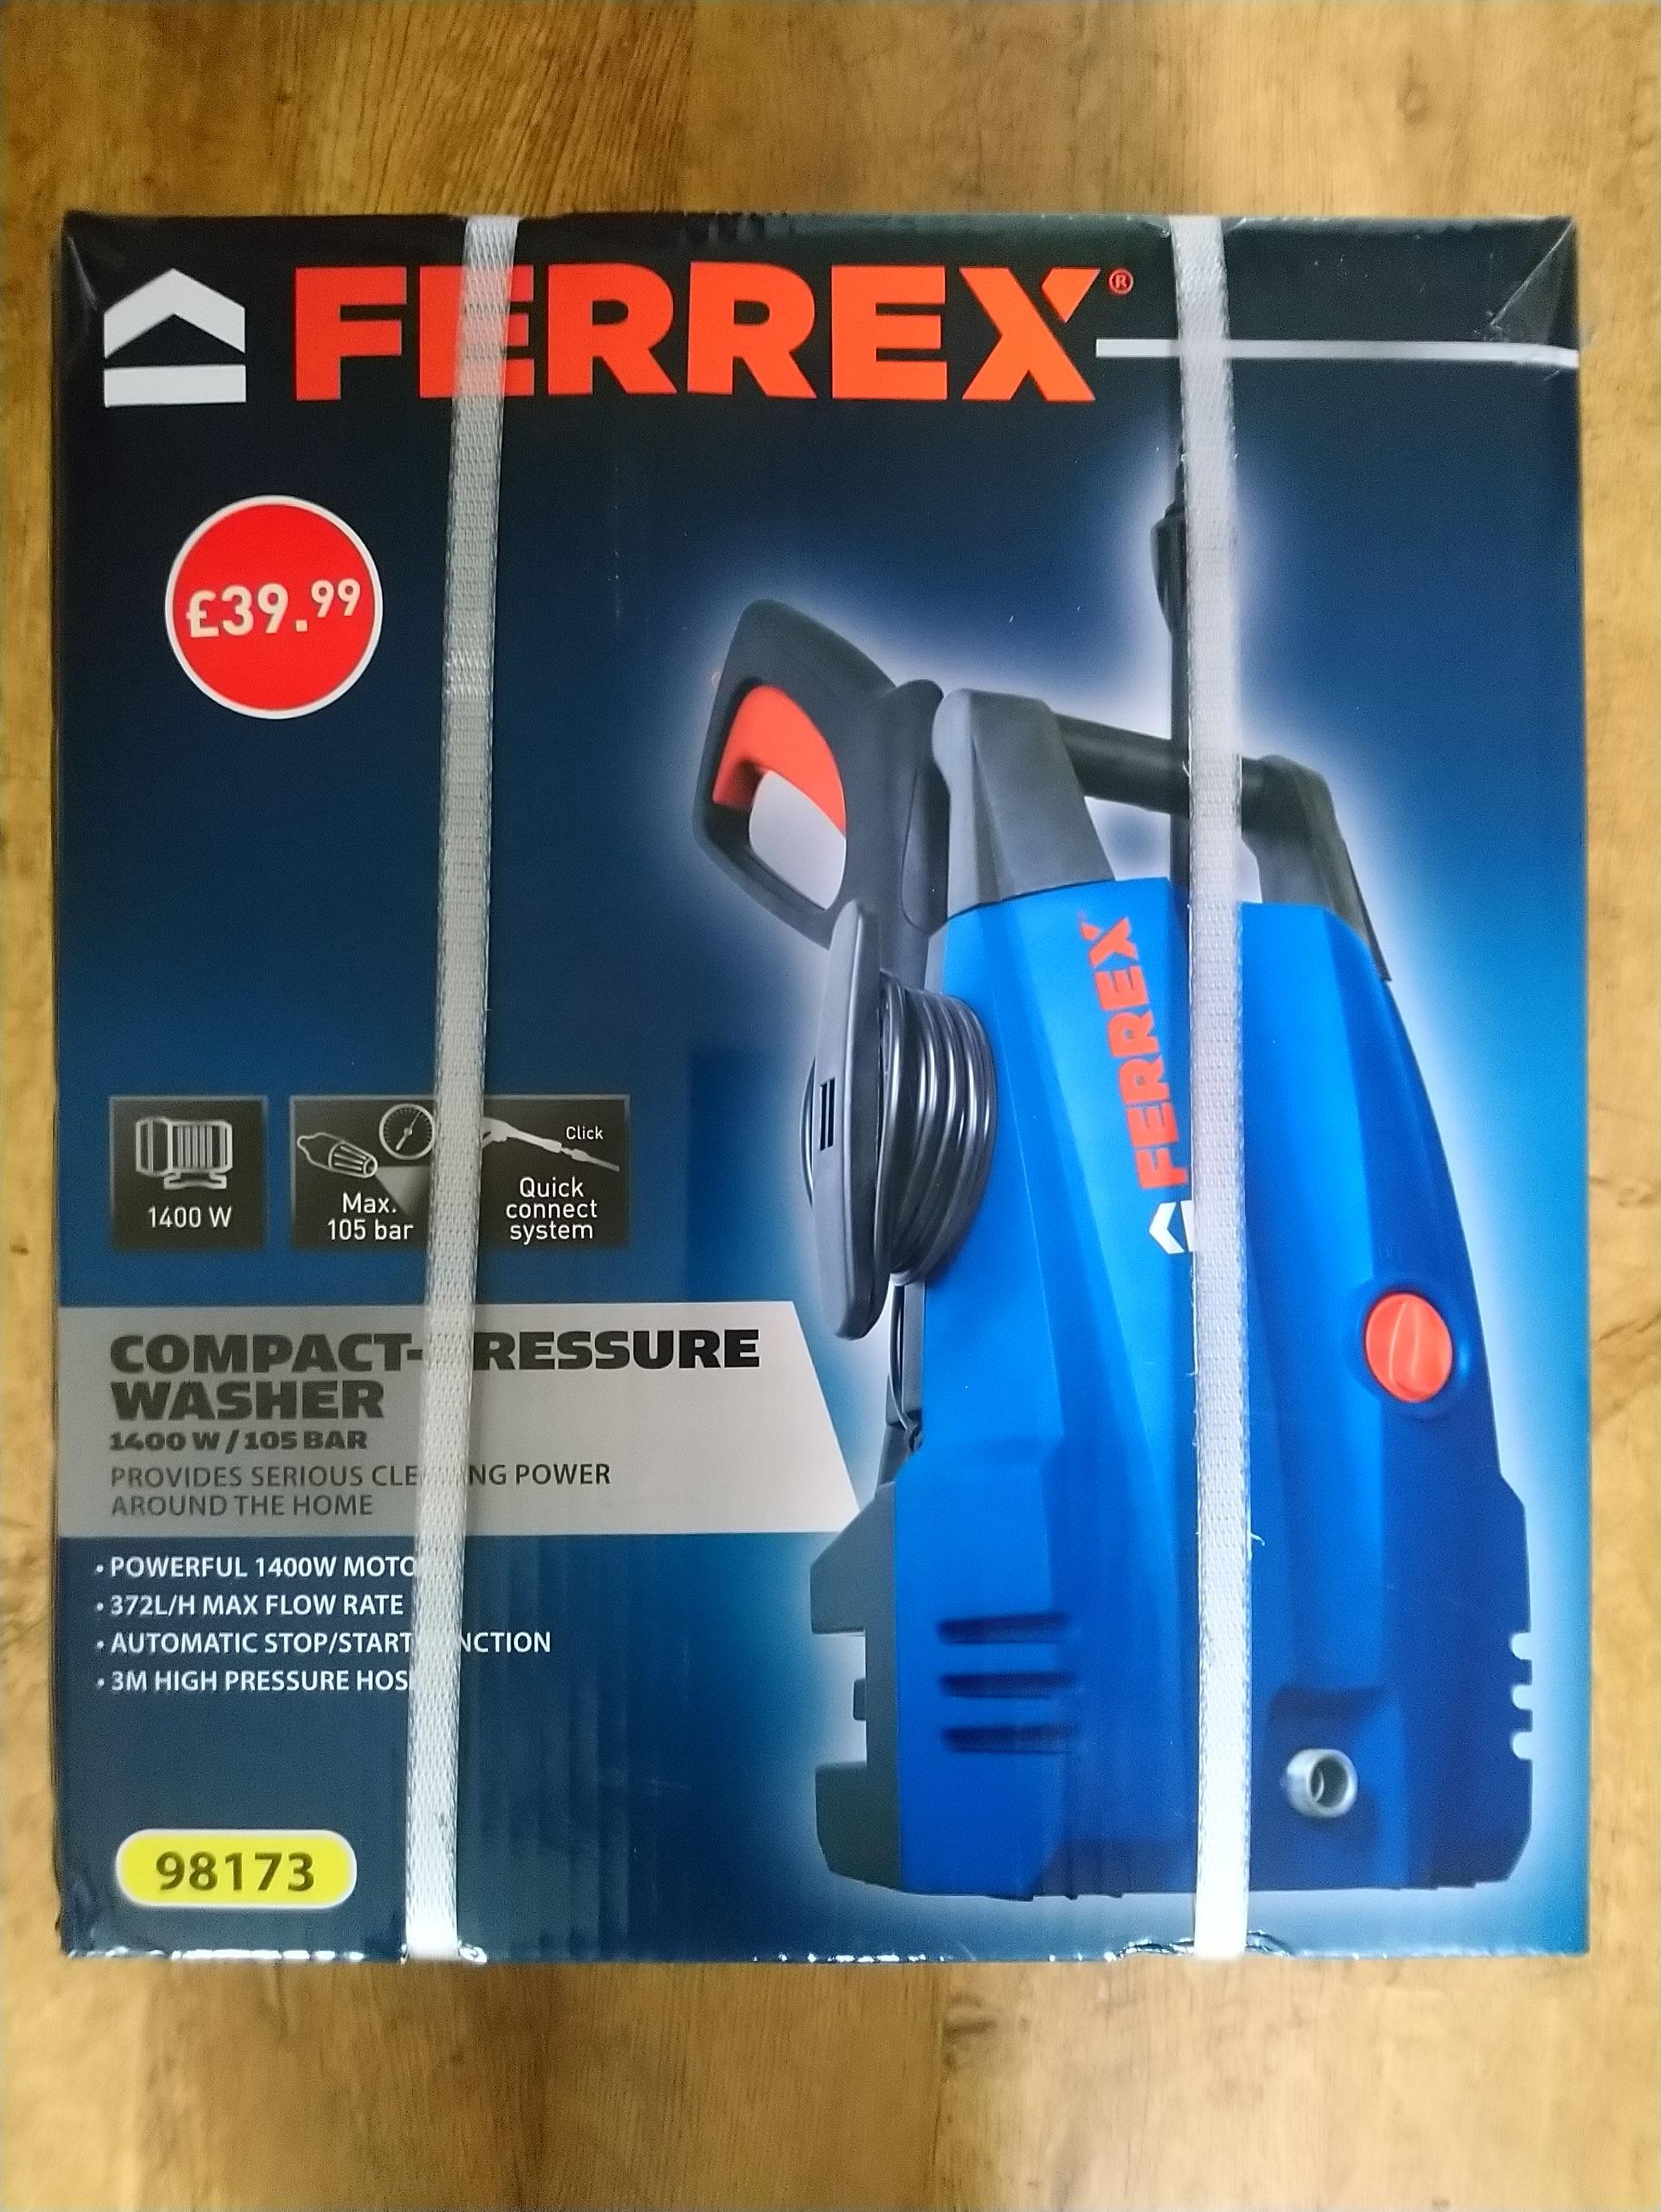 FERREX compact pressure washer 1400w 105 Bar - £39.95 instore or + £2.95 Delivery @ Aldi